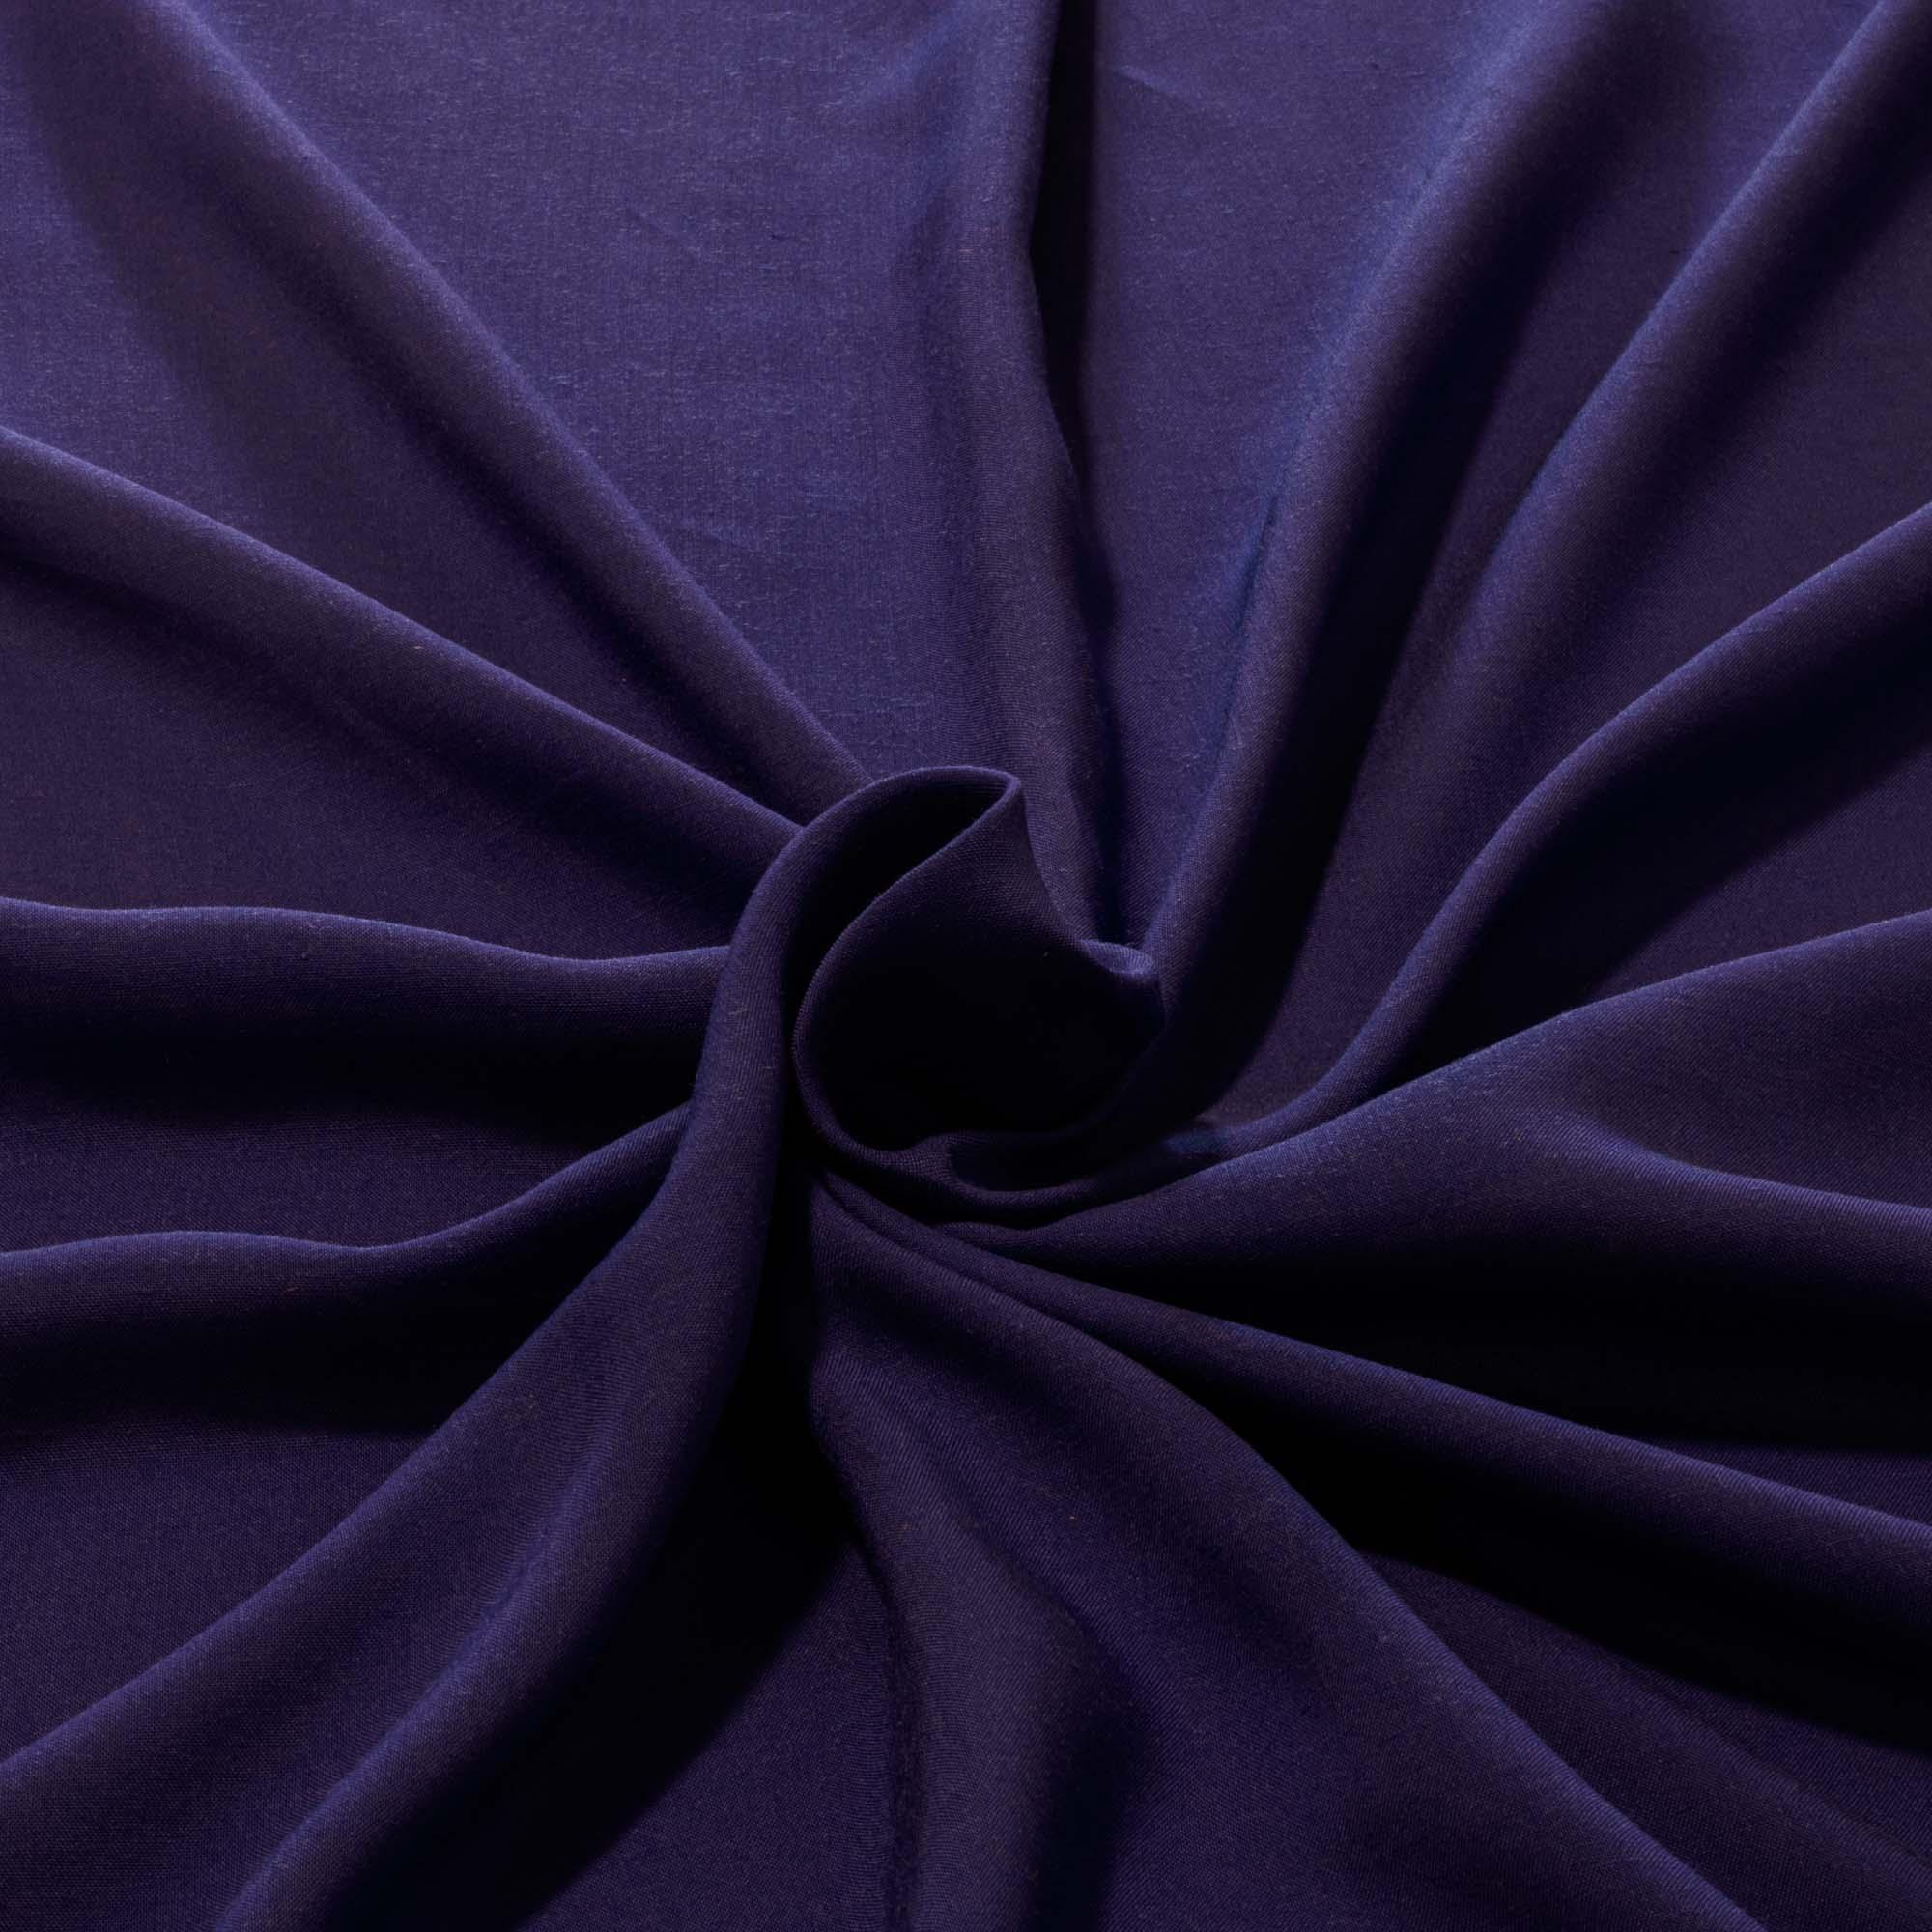 Tecido Viscose Azul Royal 100% Viscose 1,40 m Largura